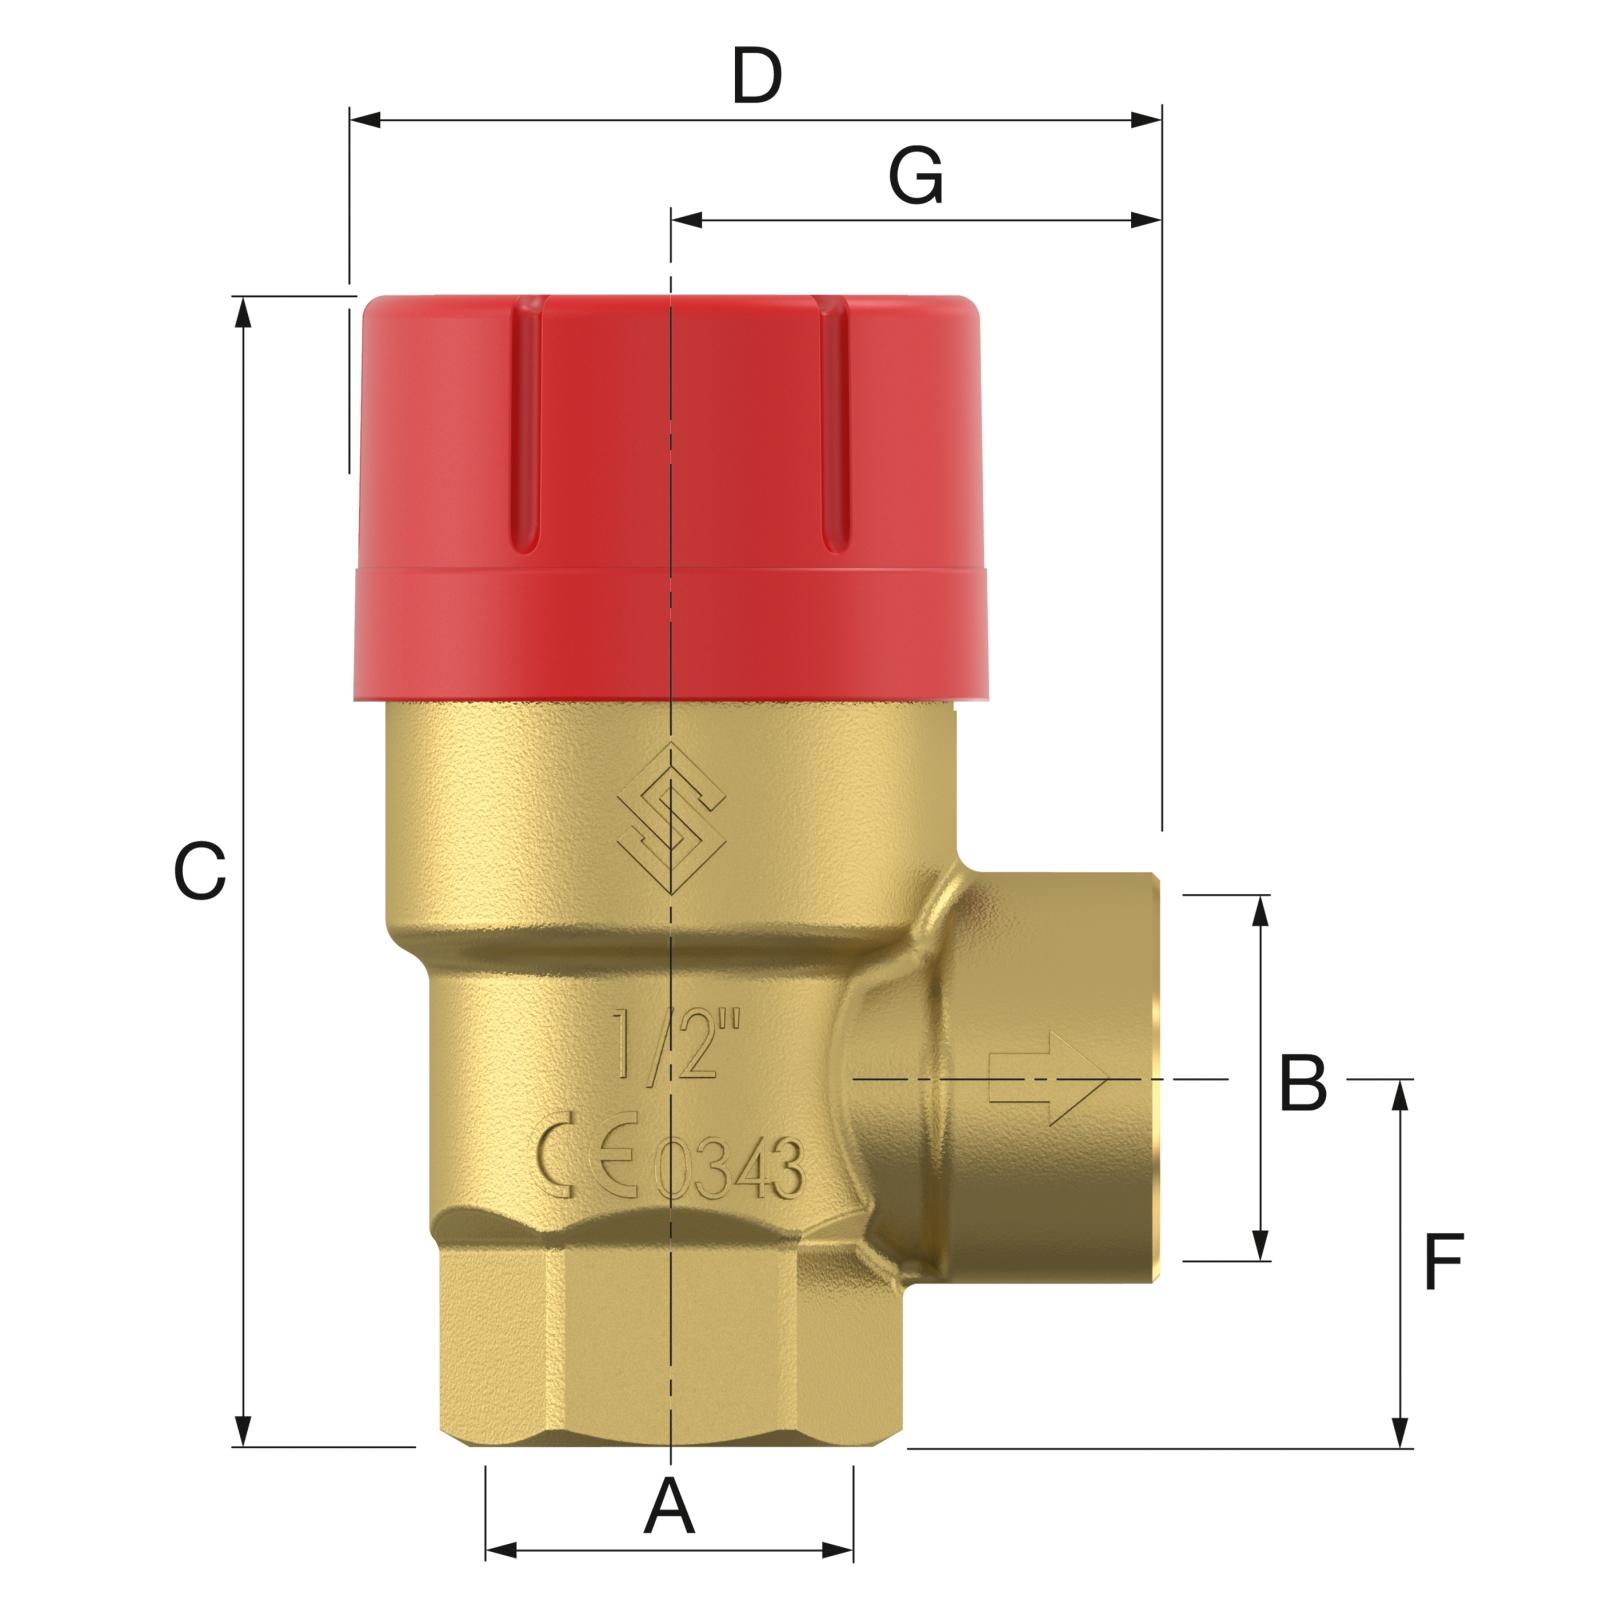 Flamco Prescor 1/2x1/2 - 1,5 bar Biztonsági szelep (27608) műszaki ábra